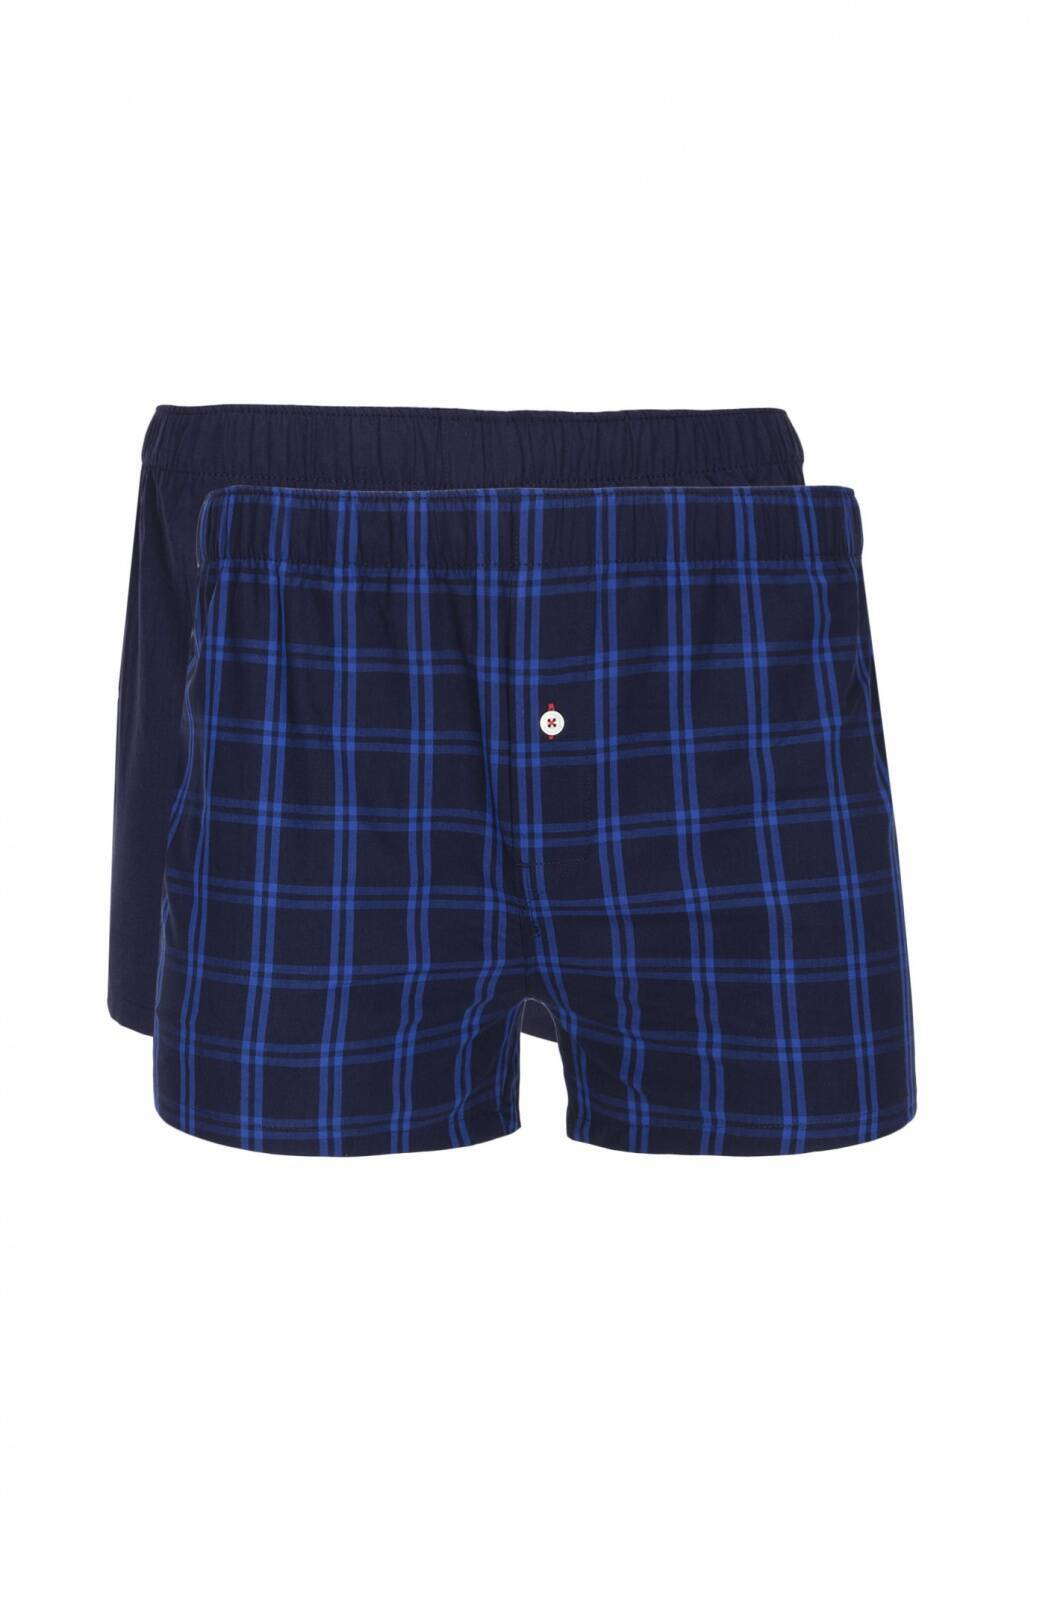 wooven boxer shorts tommy hilfiger navy blue. Black Bedroom Furniture Sets. Home Design Ideas